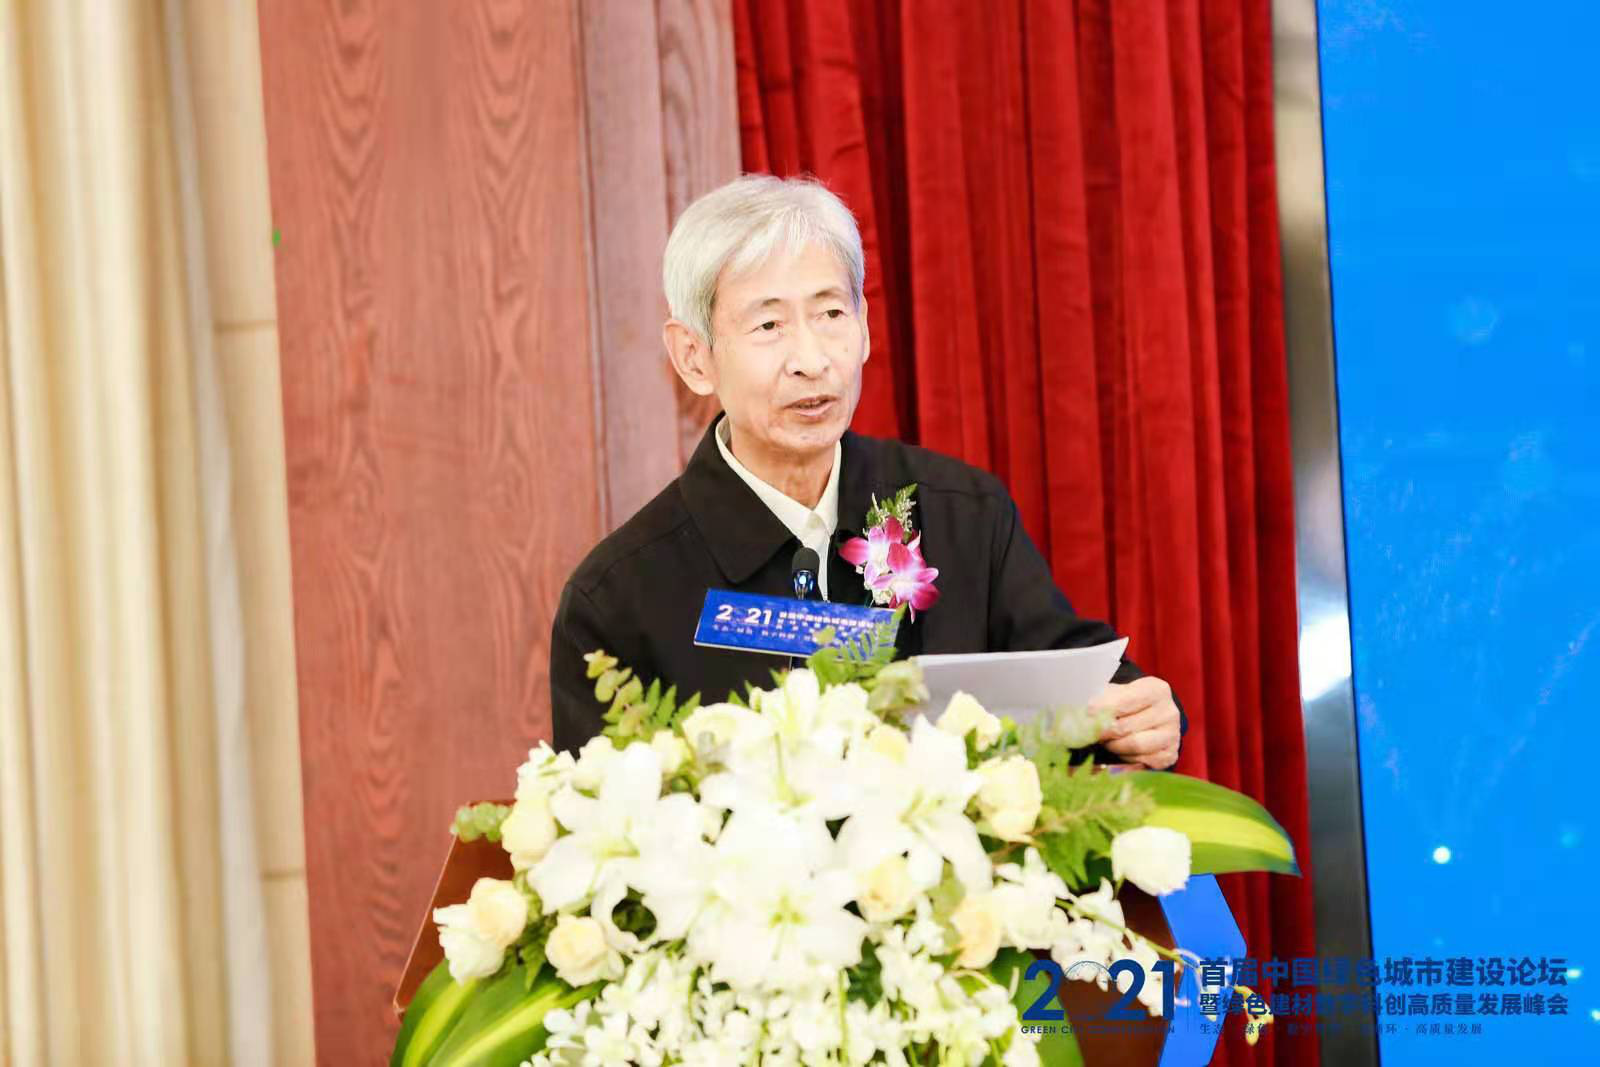 首届中国绿色城市建设论坛暨绿色建材数字科创高质量发展峰会在京举行